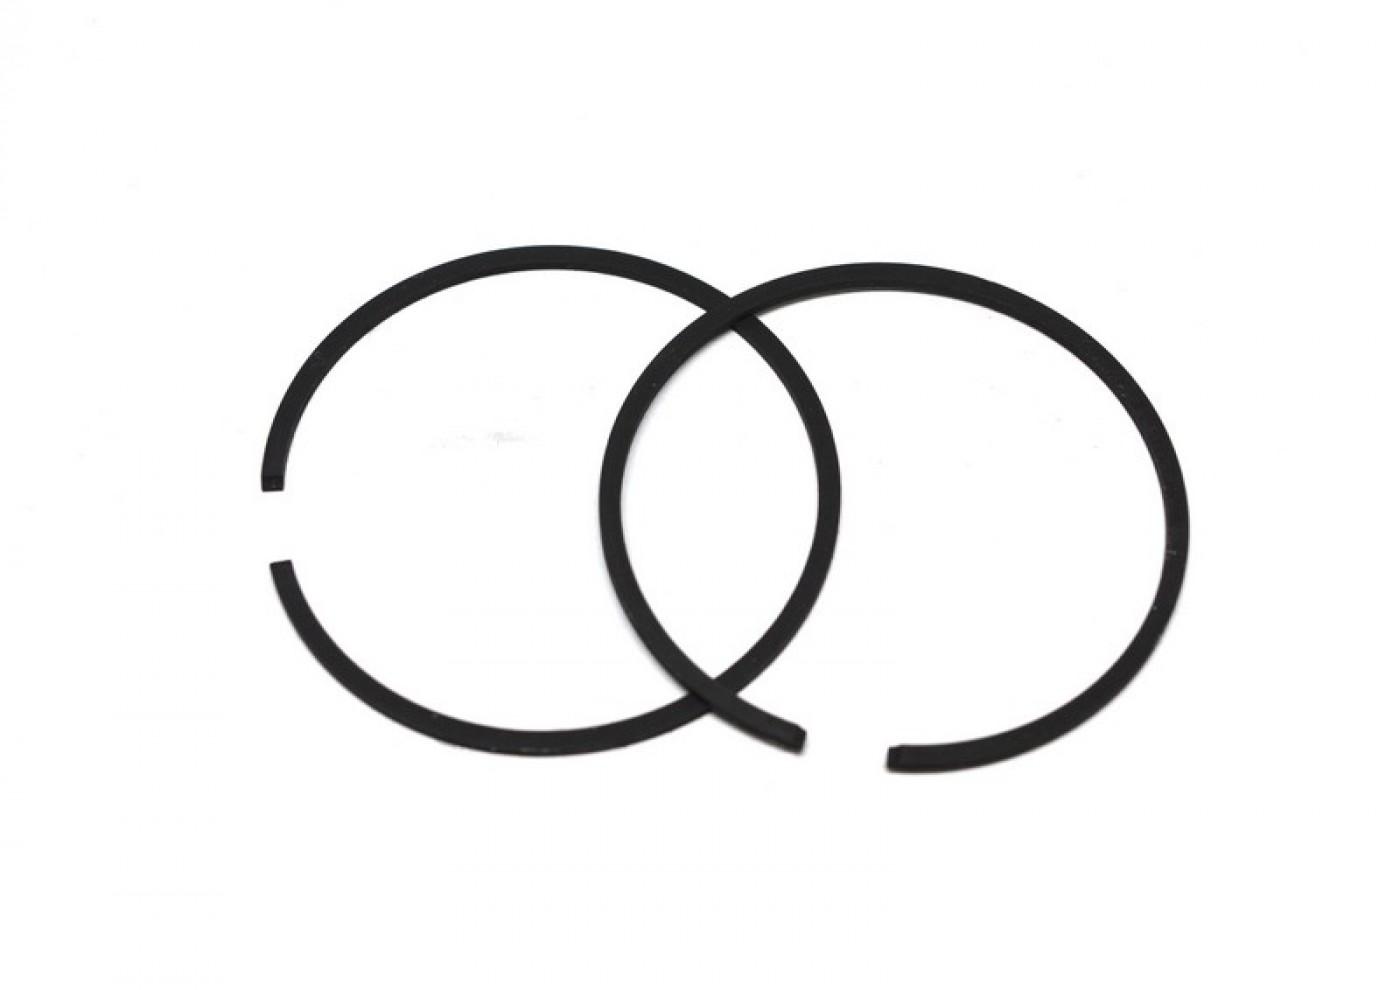 Sada pístních kroužků Husqvarna 575 575XP